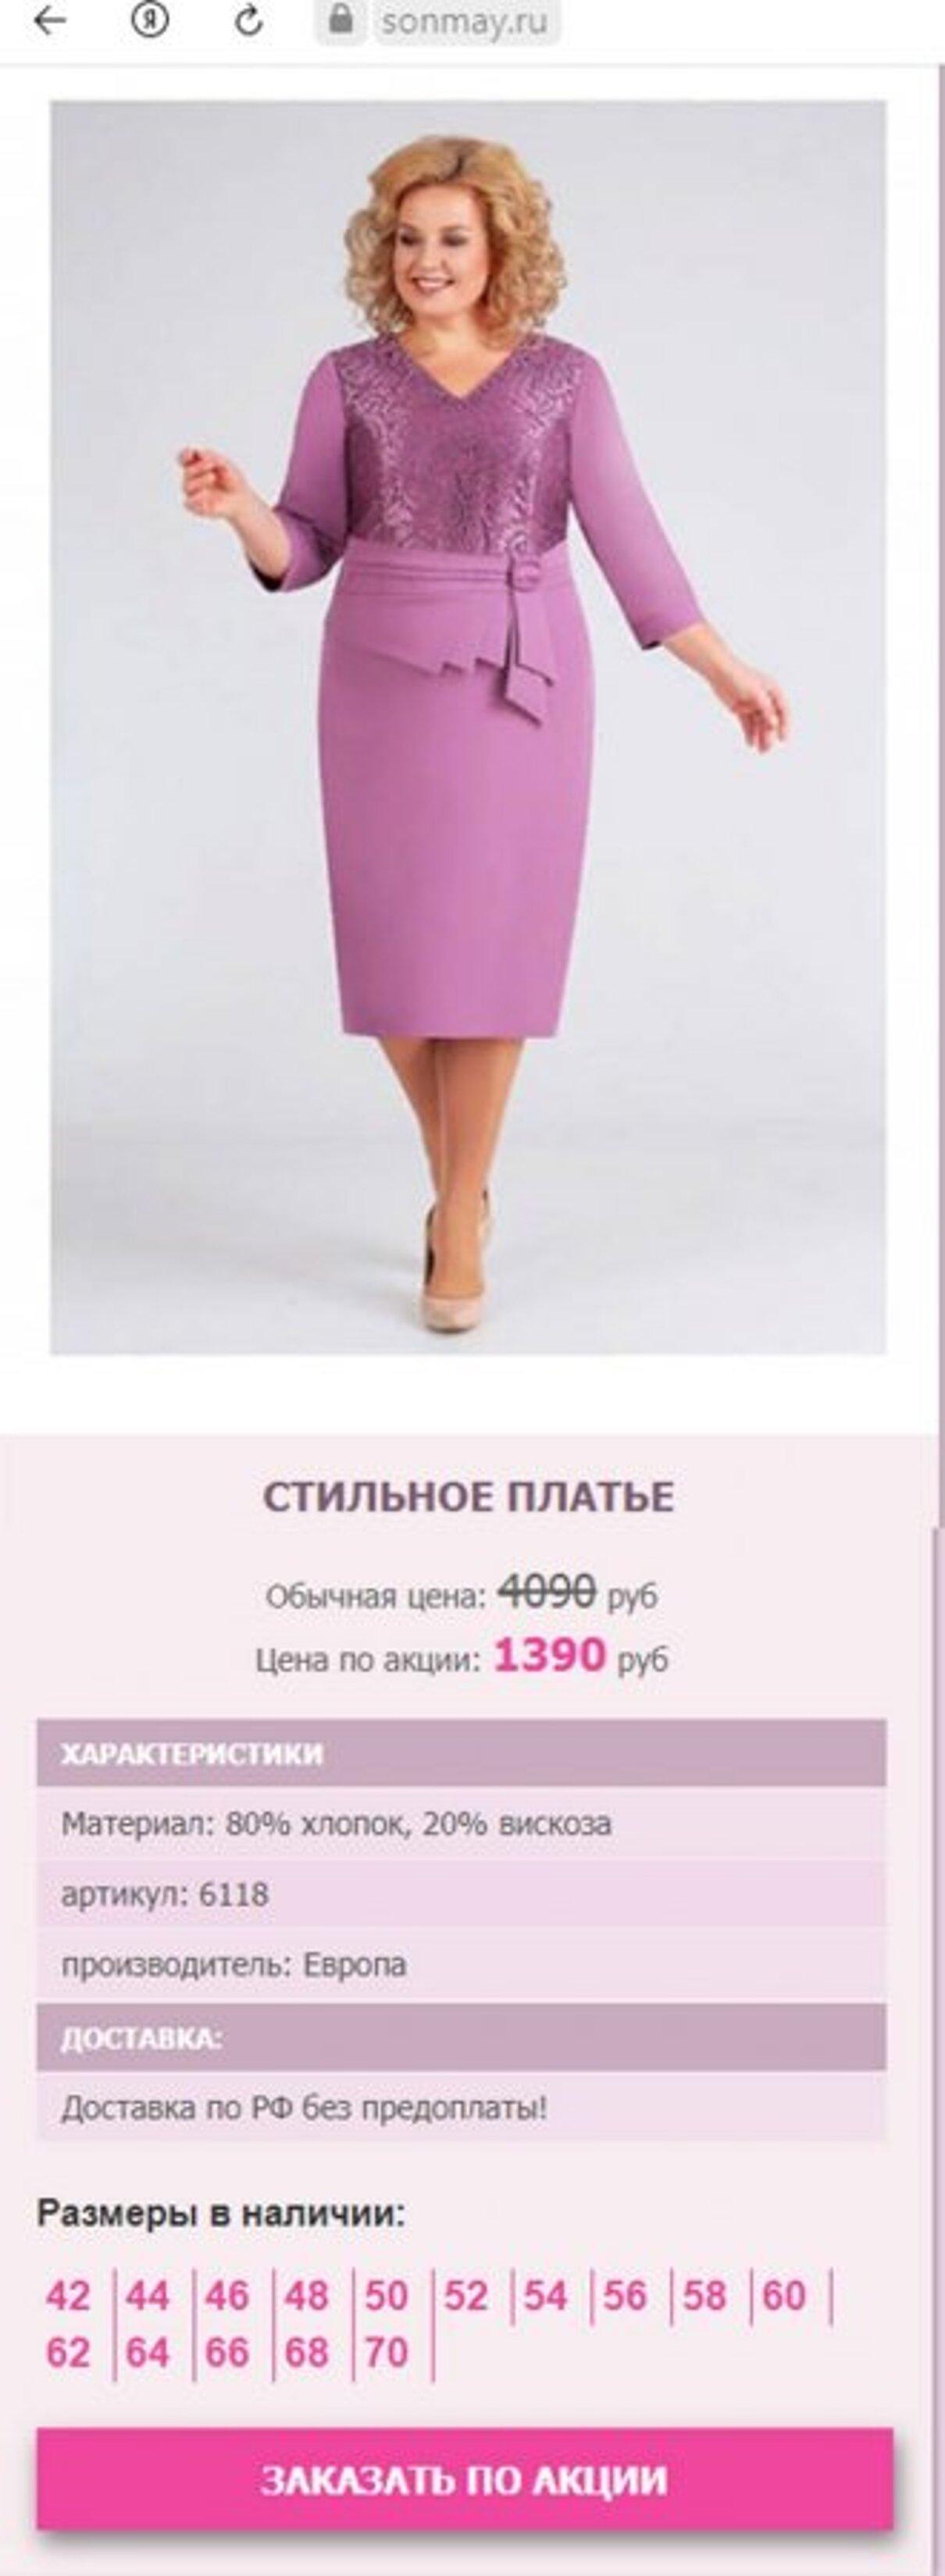 Жалоба-отзыв: Магазин стильной одежды https://sonmay.ru - МОШЕННИЧЕСТВО.  Фото №2